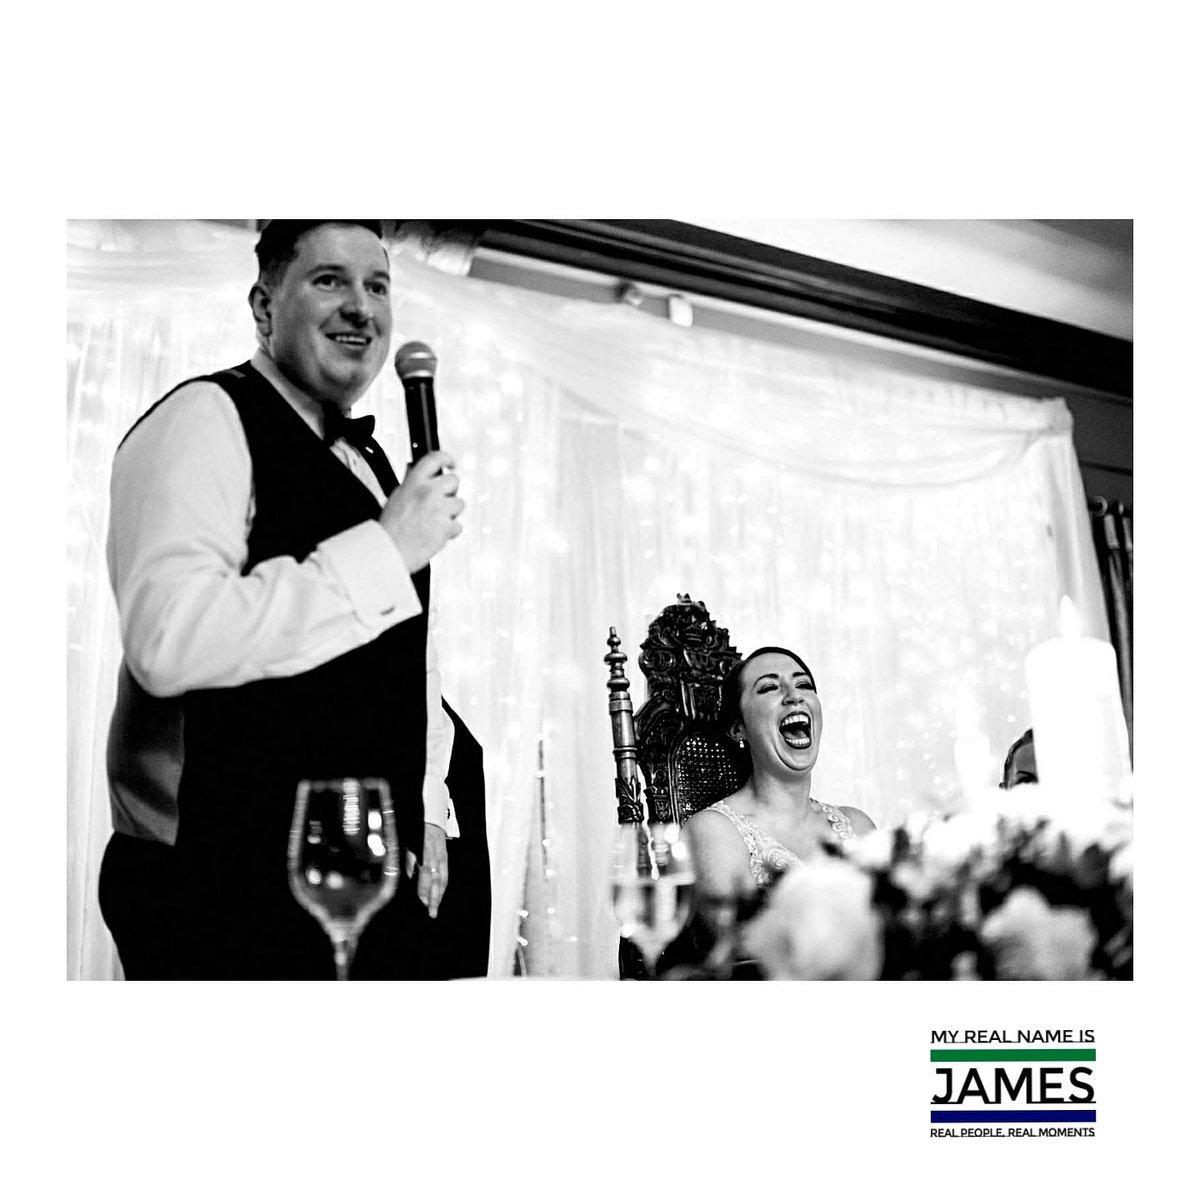 ireland #irelandphotography #irelandweddingphotographer #ninedots #documentary #reportage #weddingphotographer #weddingphotography #documentaryweddingphotographer #thisisreportage #wpja #sonya7riii #sonya7iii #samyang35mm14 #sony85mm18 #captureonepro20 #weddingphoto #weddingdaypic.twitter.com/r8nqkiZl5L